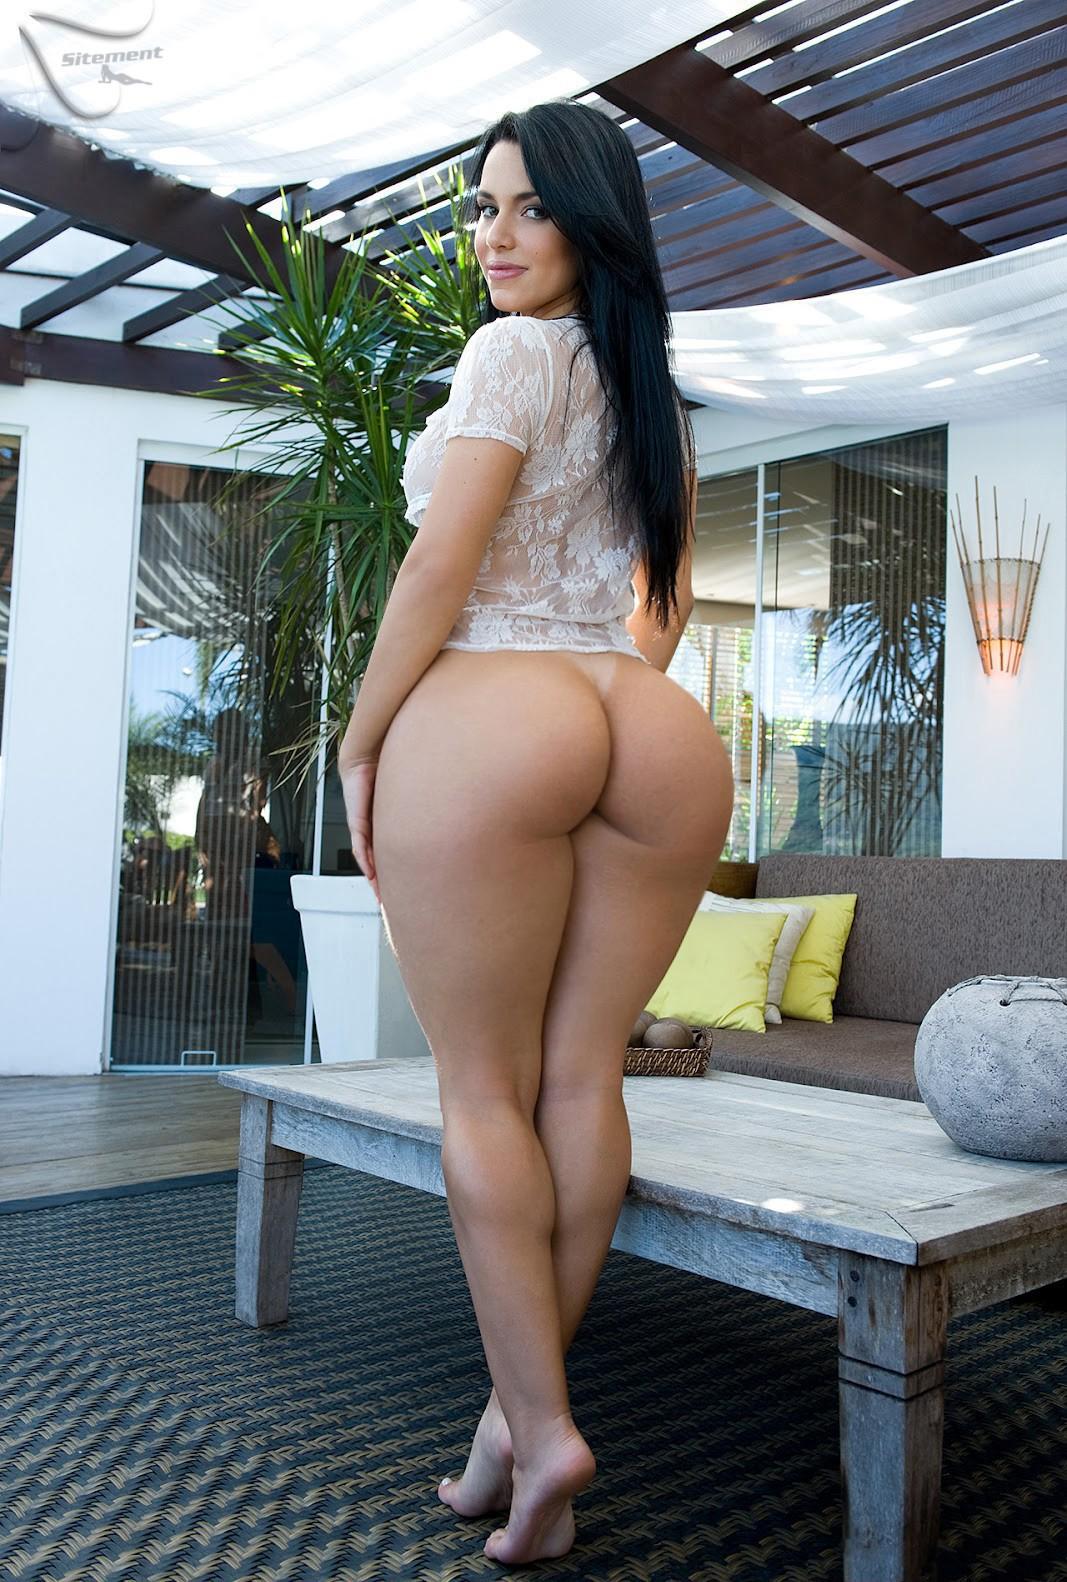 marry queen porno sex big tits natural boobs big